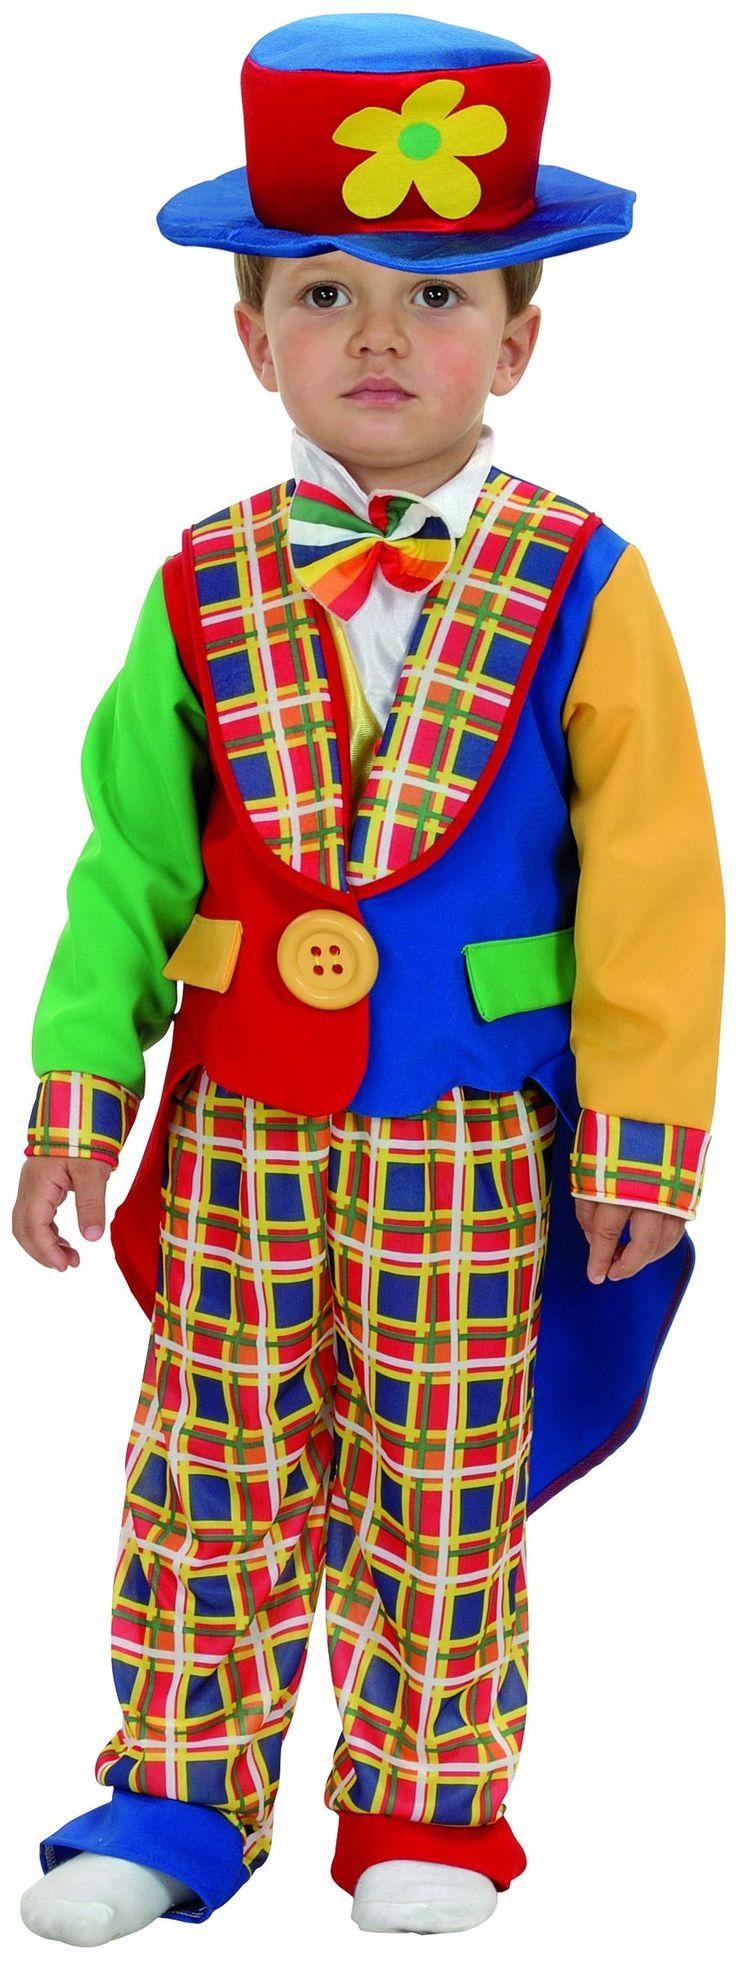 Disfraz de payaso para niño: Este disfraz de payaso para niño se compone de una chaqueta, un pantalón y un sombrero. El sombrero semirrígido es rojo y azul, y tiene una flor amarilla cosida en la parte...